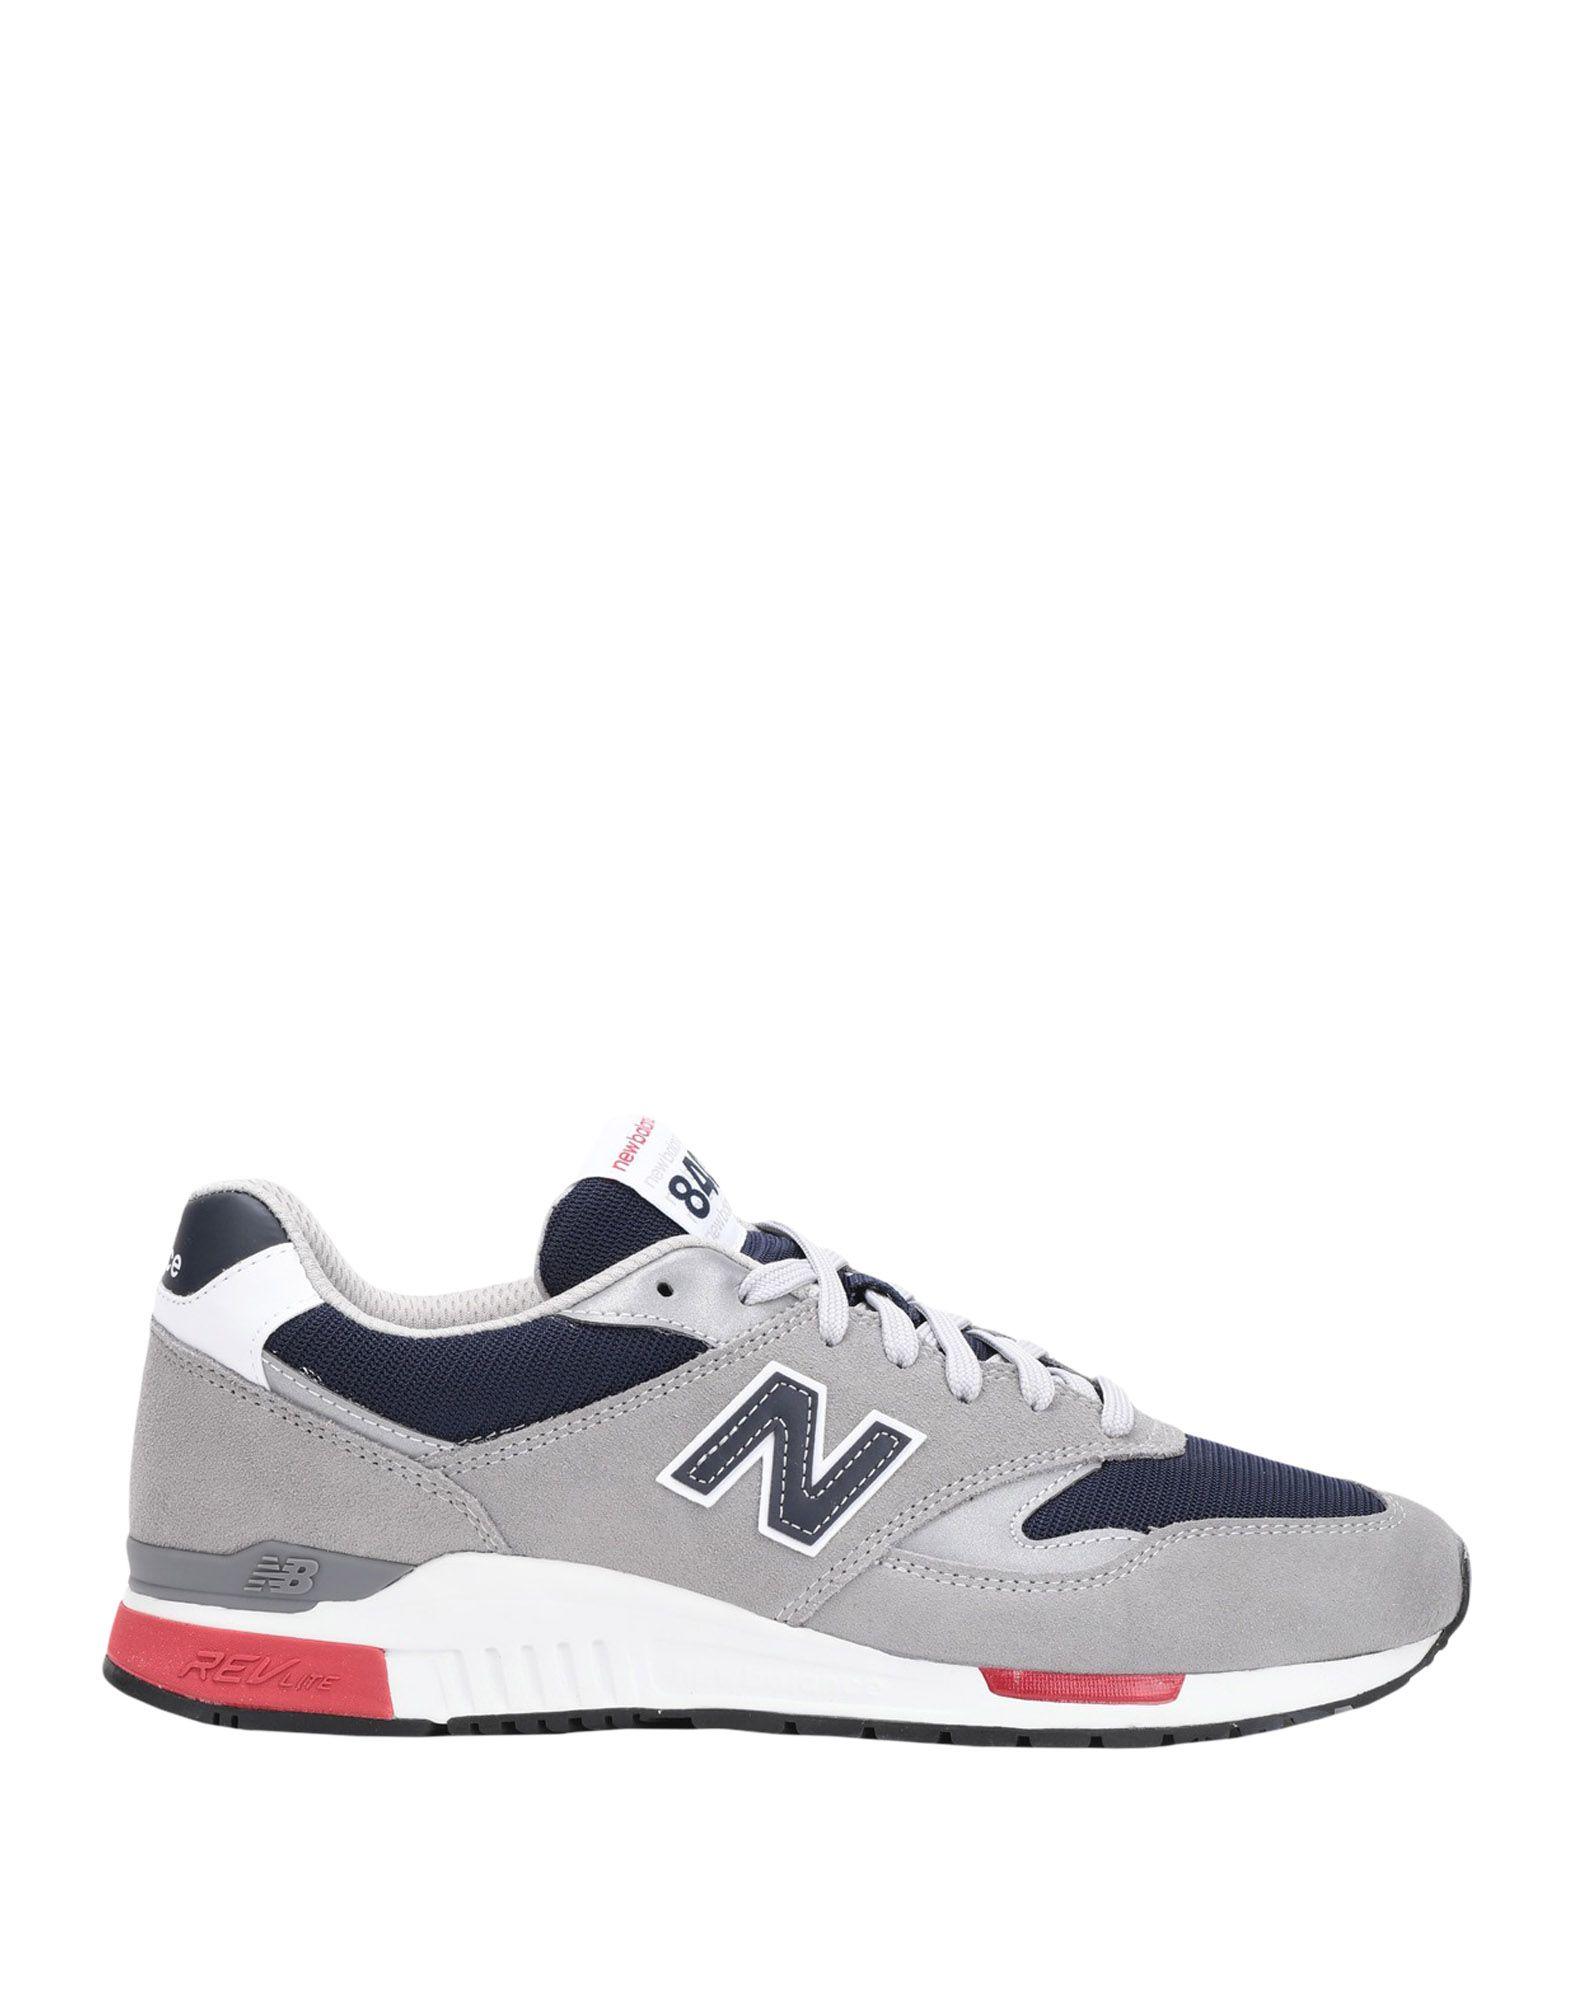 Zapatillas New Balance 840 Suede/Mesh - Hombre Hombre - - Zapatillas New Balance  Negro 19004e